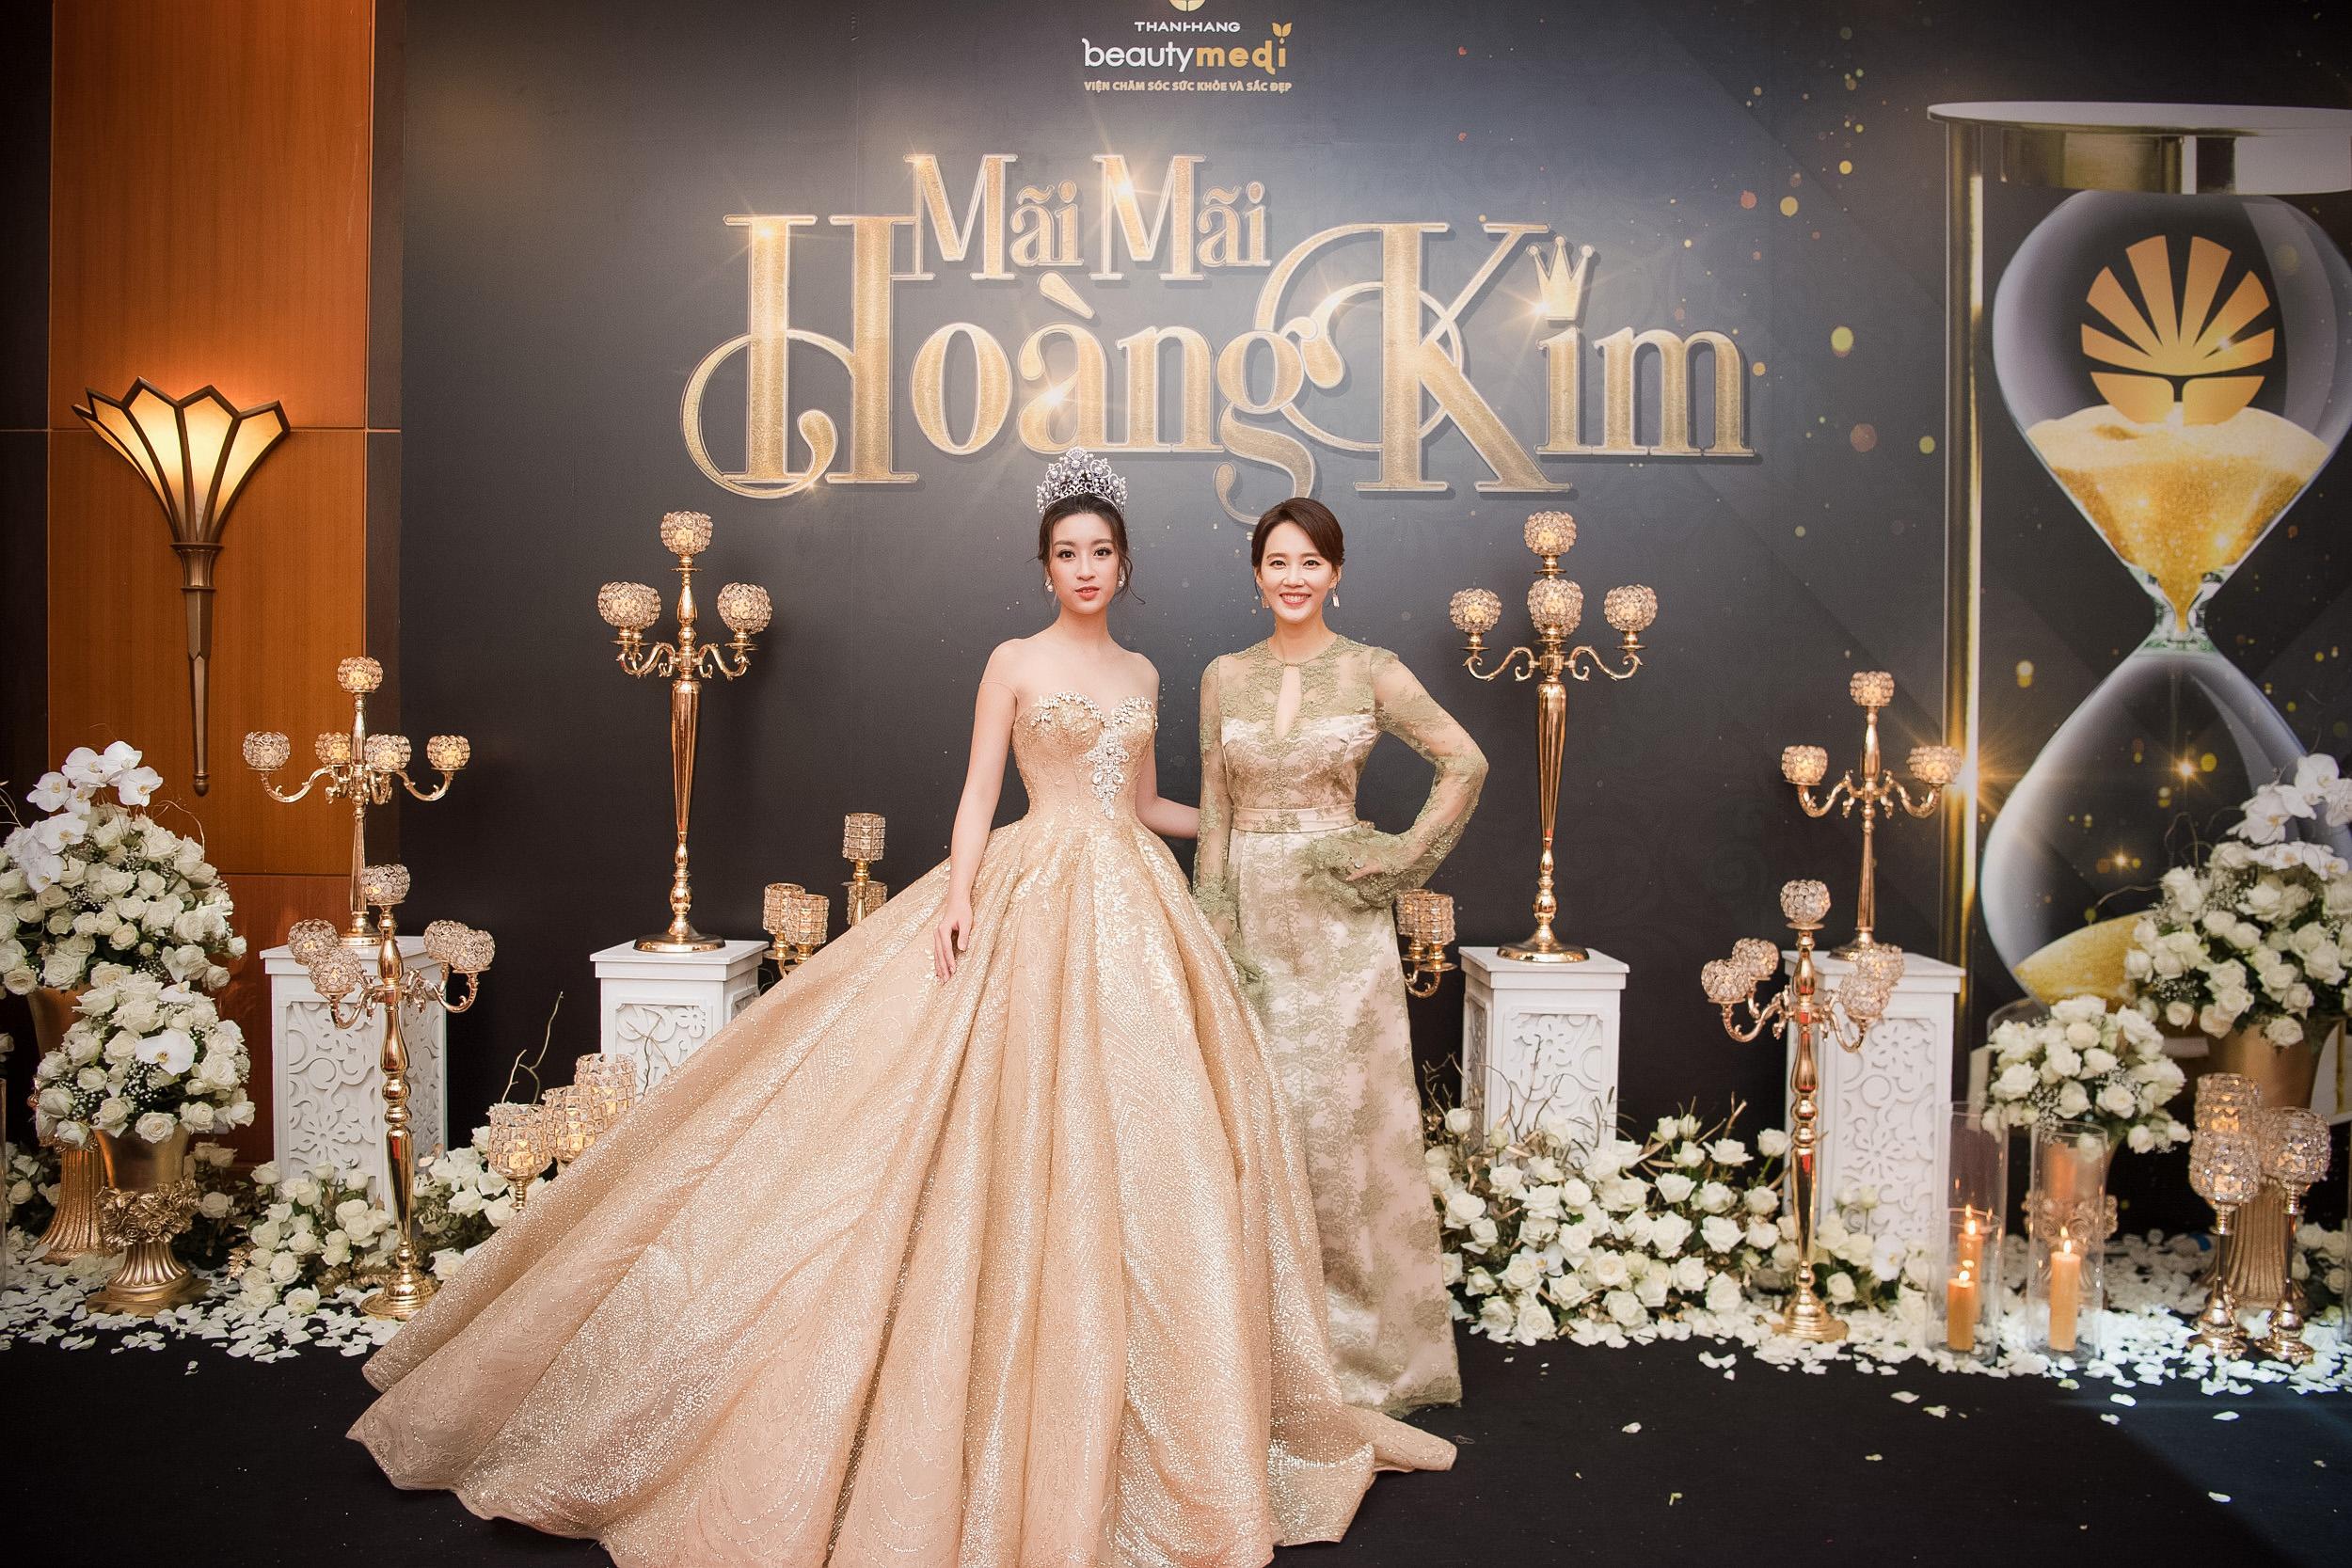 """Ở tuổi 47, ngôi sao phim """"Gia đình là số 1"""" vẫn trẻ trung và nổi bật dự sự kiện tại Việt Nam - Ảnh 3."""